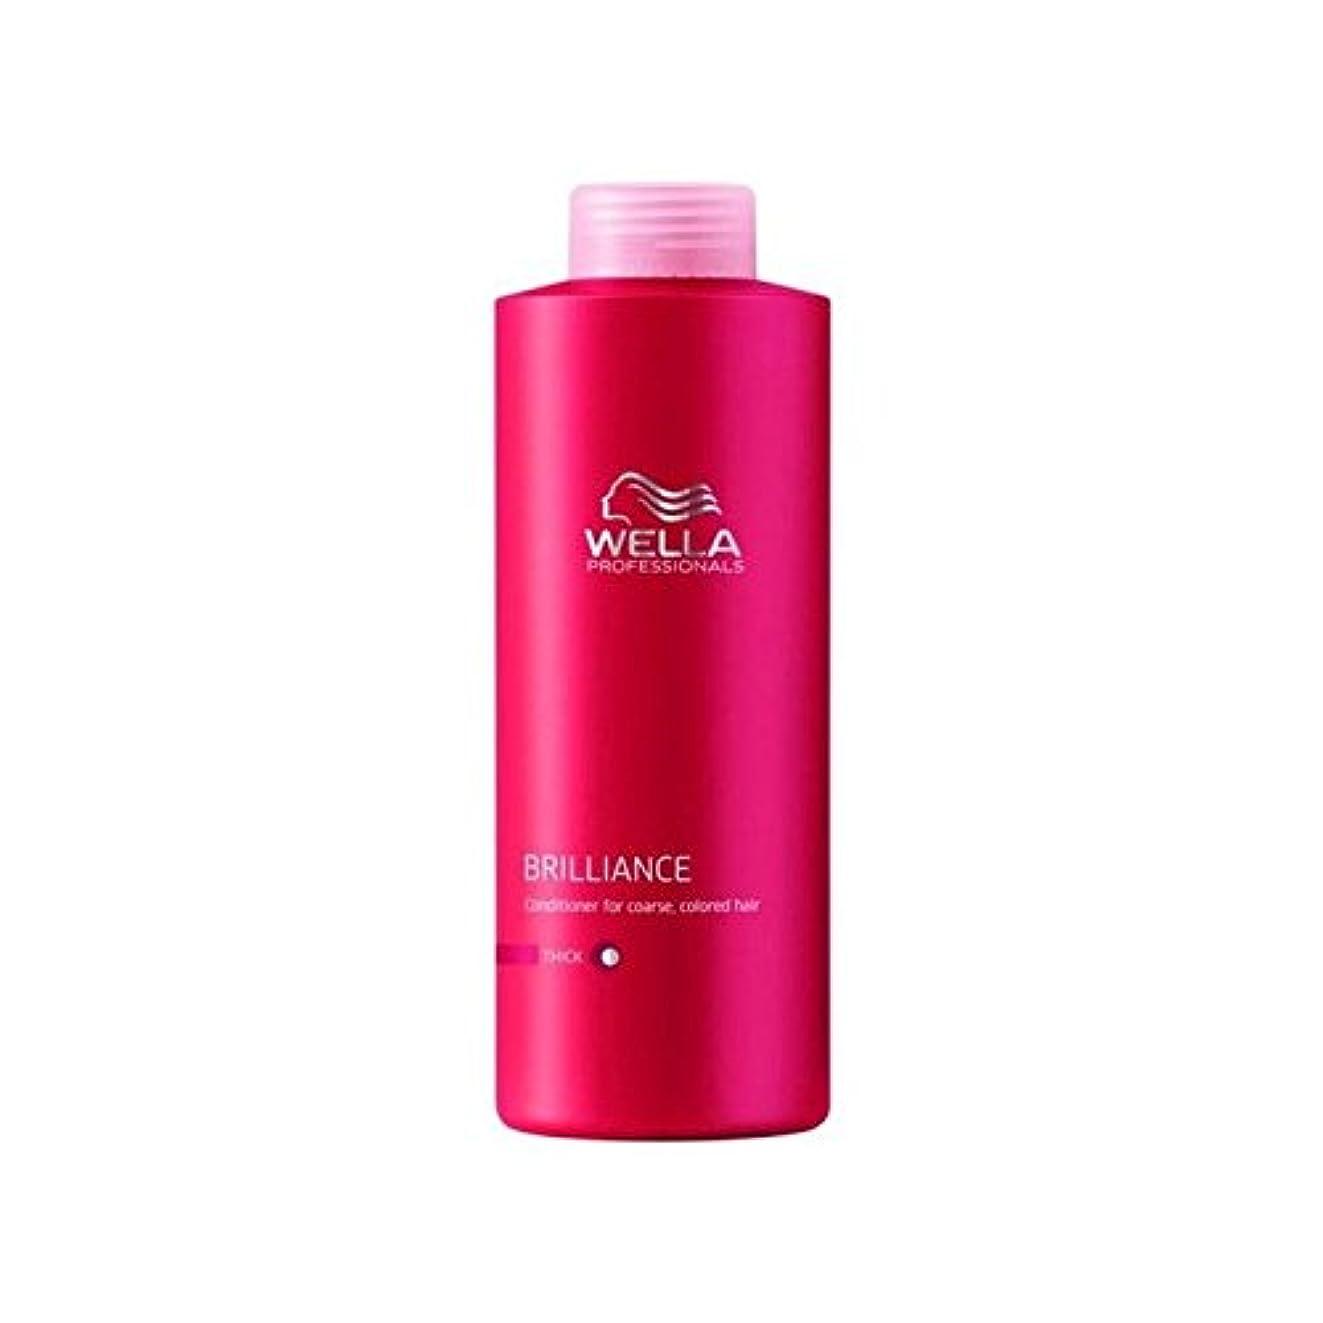 帝国倒錯愚かウェラの専門家は粗いコンディショナー(千ミリリットル)をブリリアンス x4 - Wella Professionals Brilliance Coarse Conditioner (1000ml) (Pack of 4)...